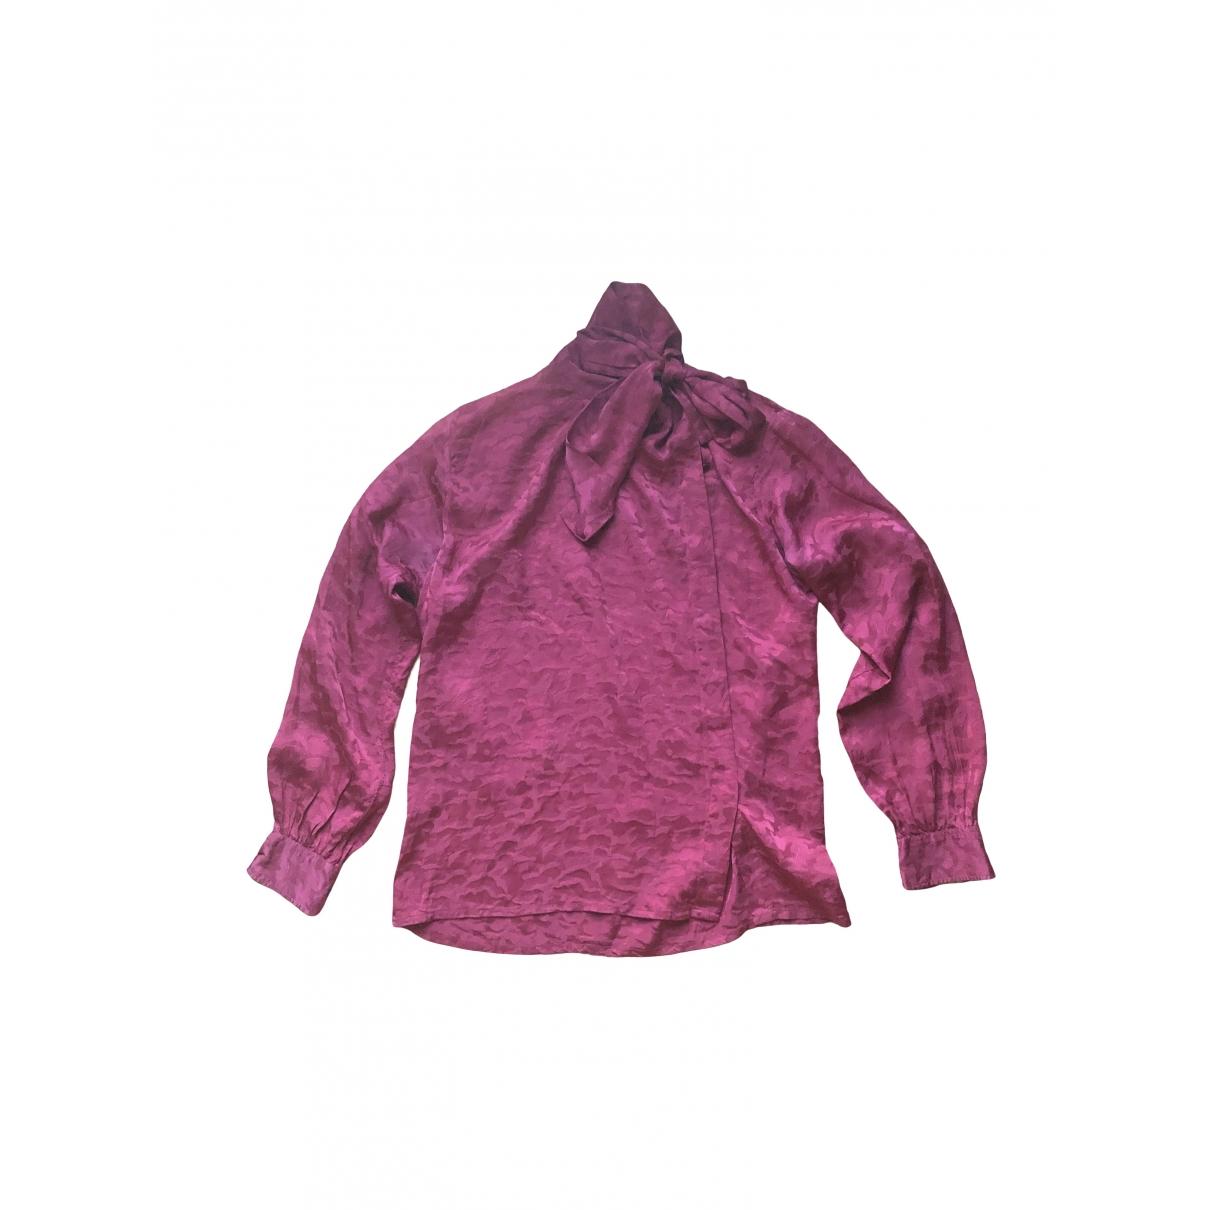 Yves Saint Laurent \N Burgundy Silk  top for Women 38 FR